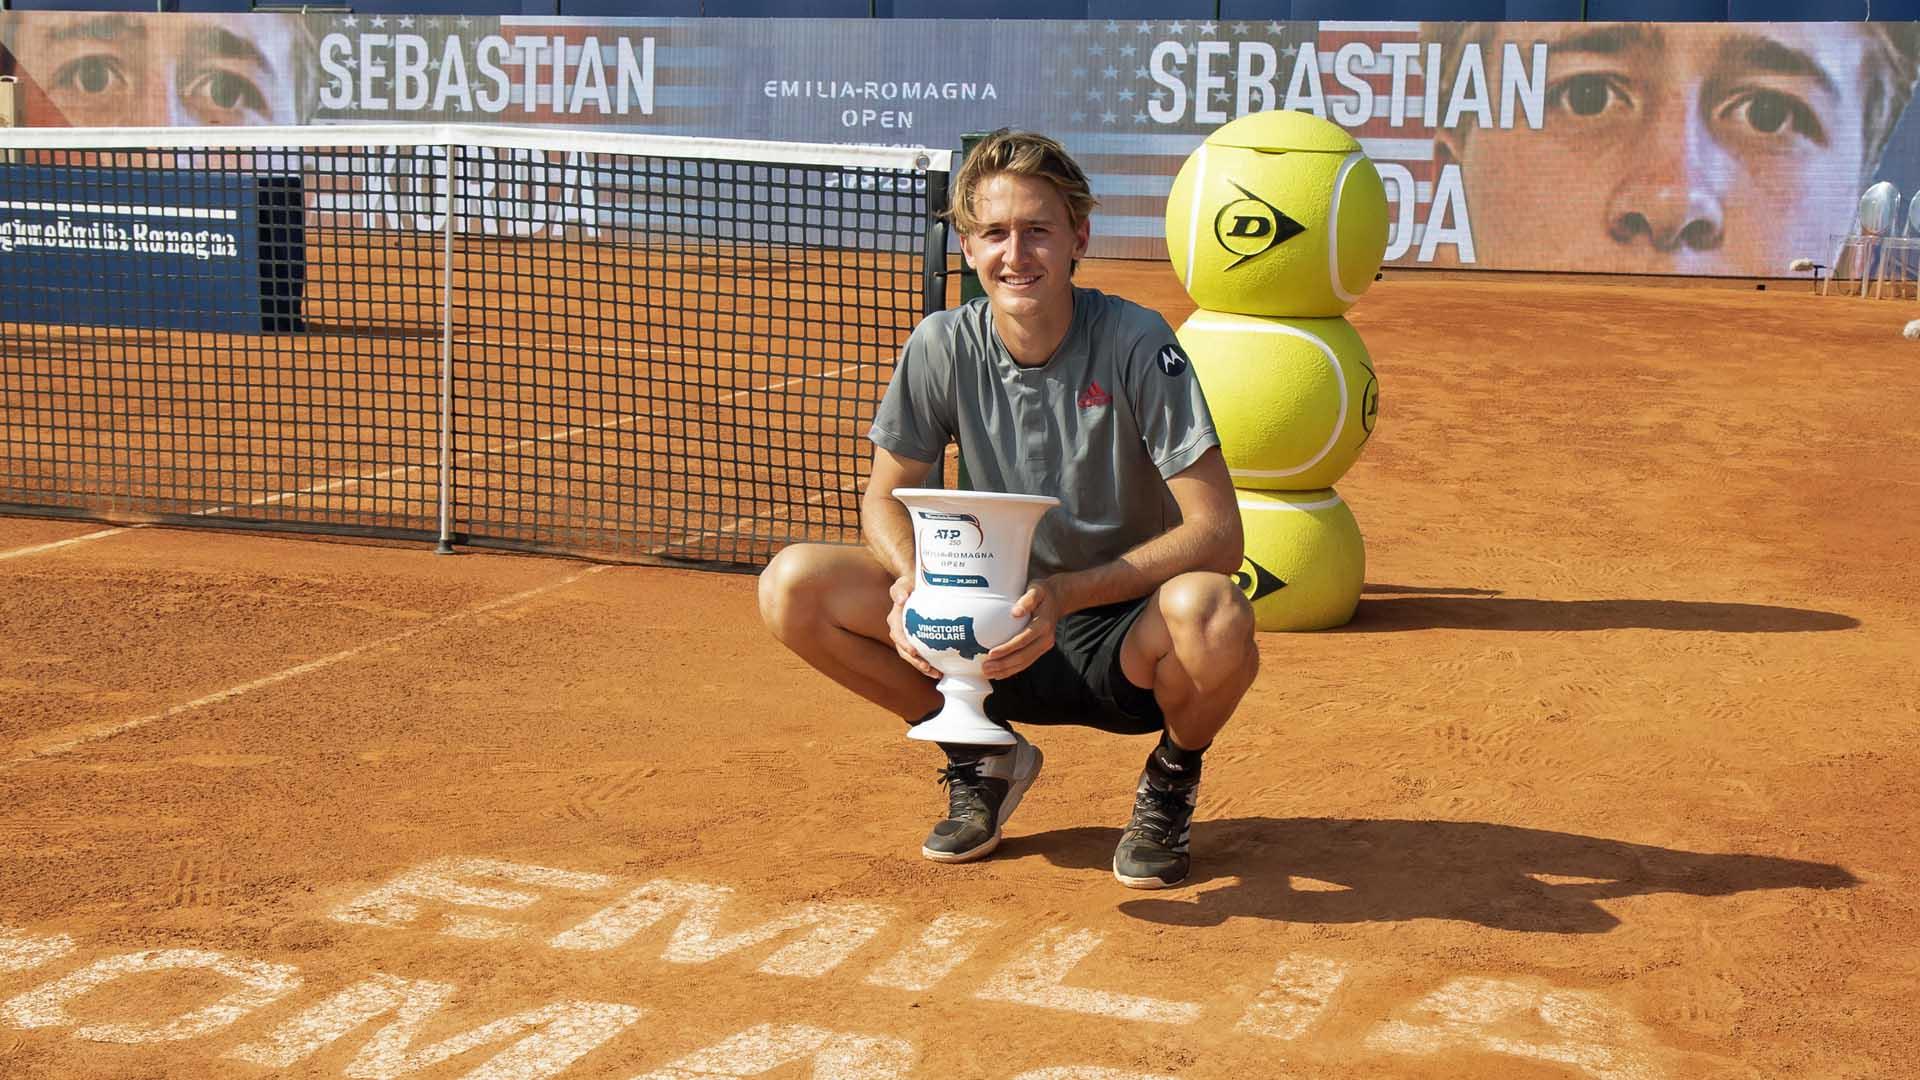 korda parma 2021 saturday final - ATP Parma: Sebastian Korda do prvega naslova v karieri